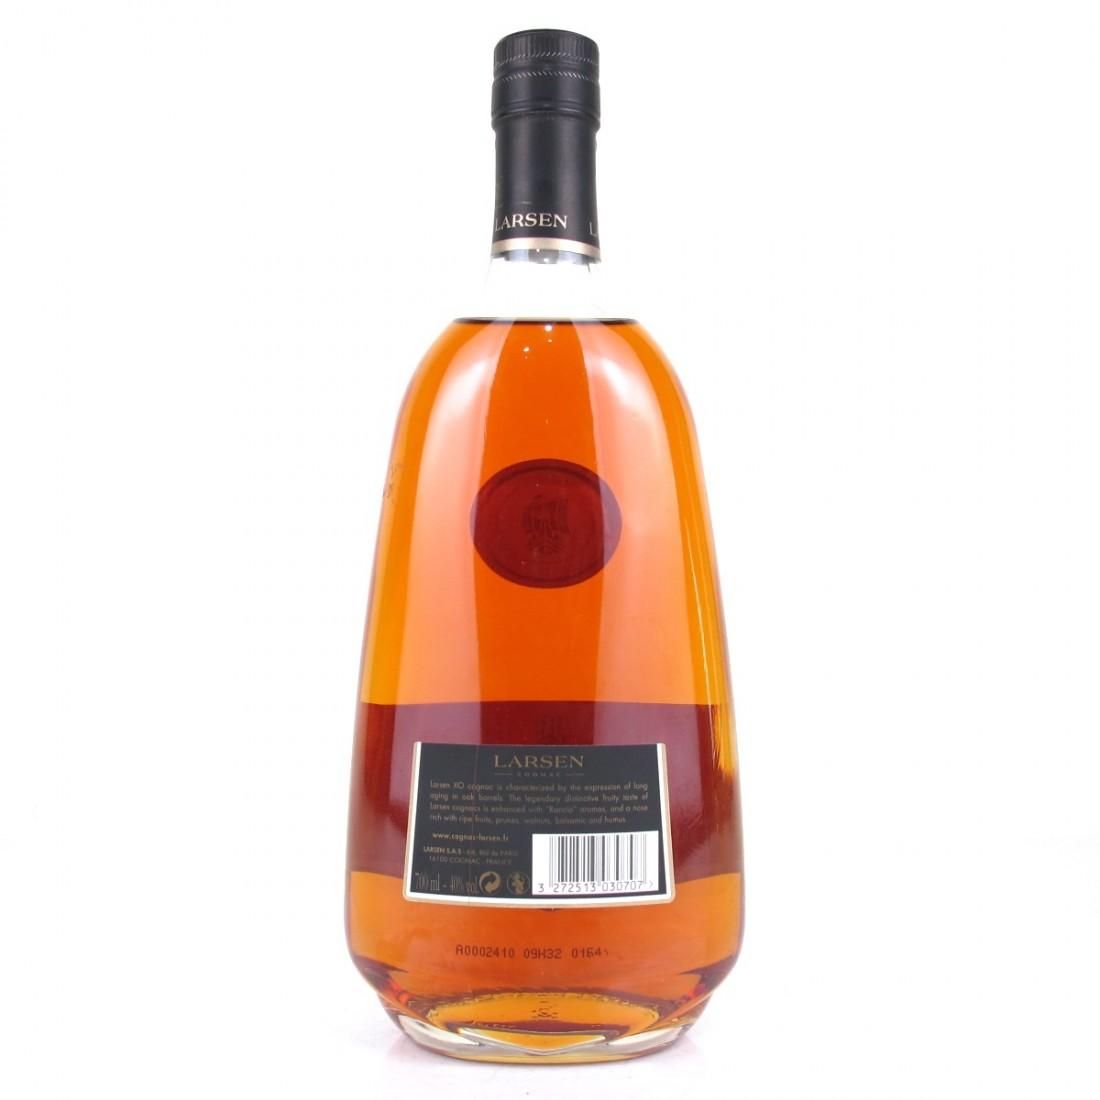 Larsen XO Cognac